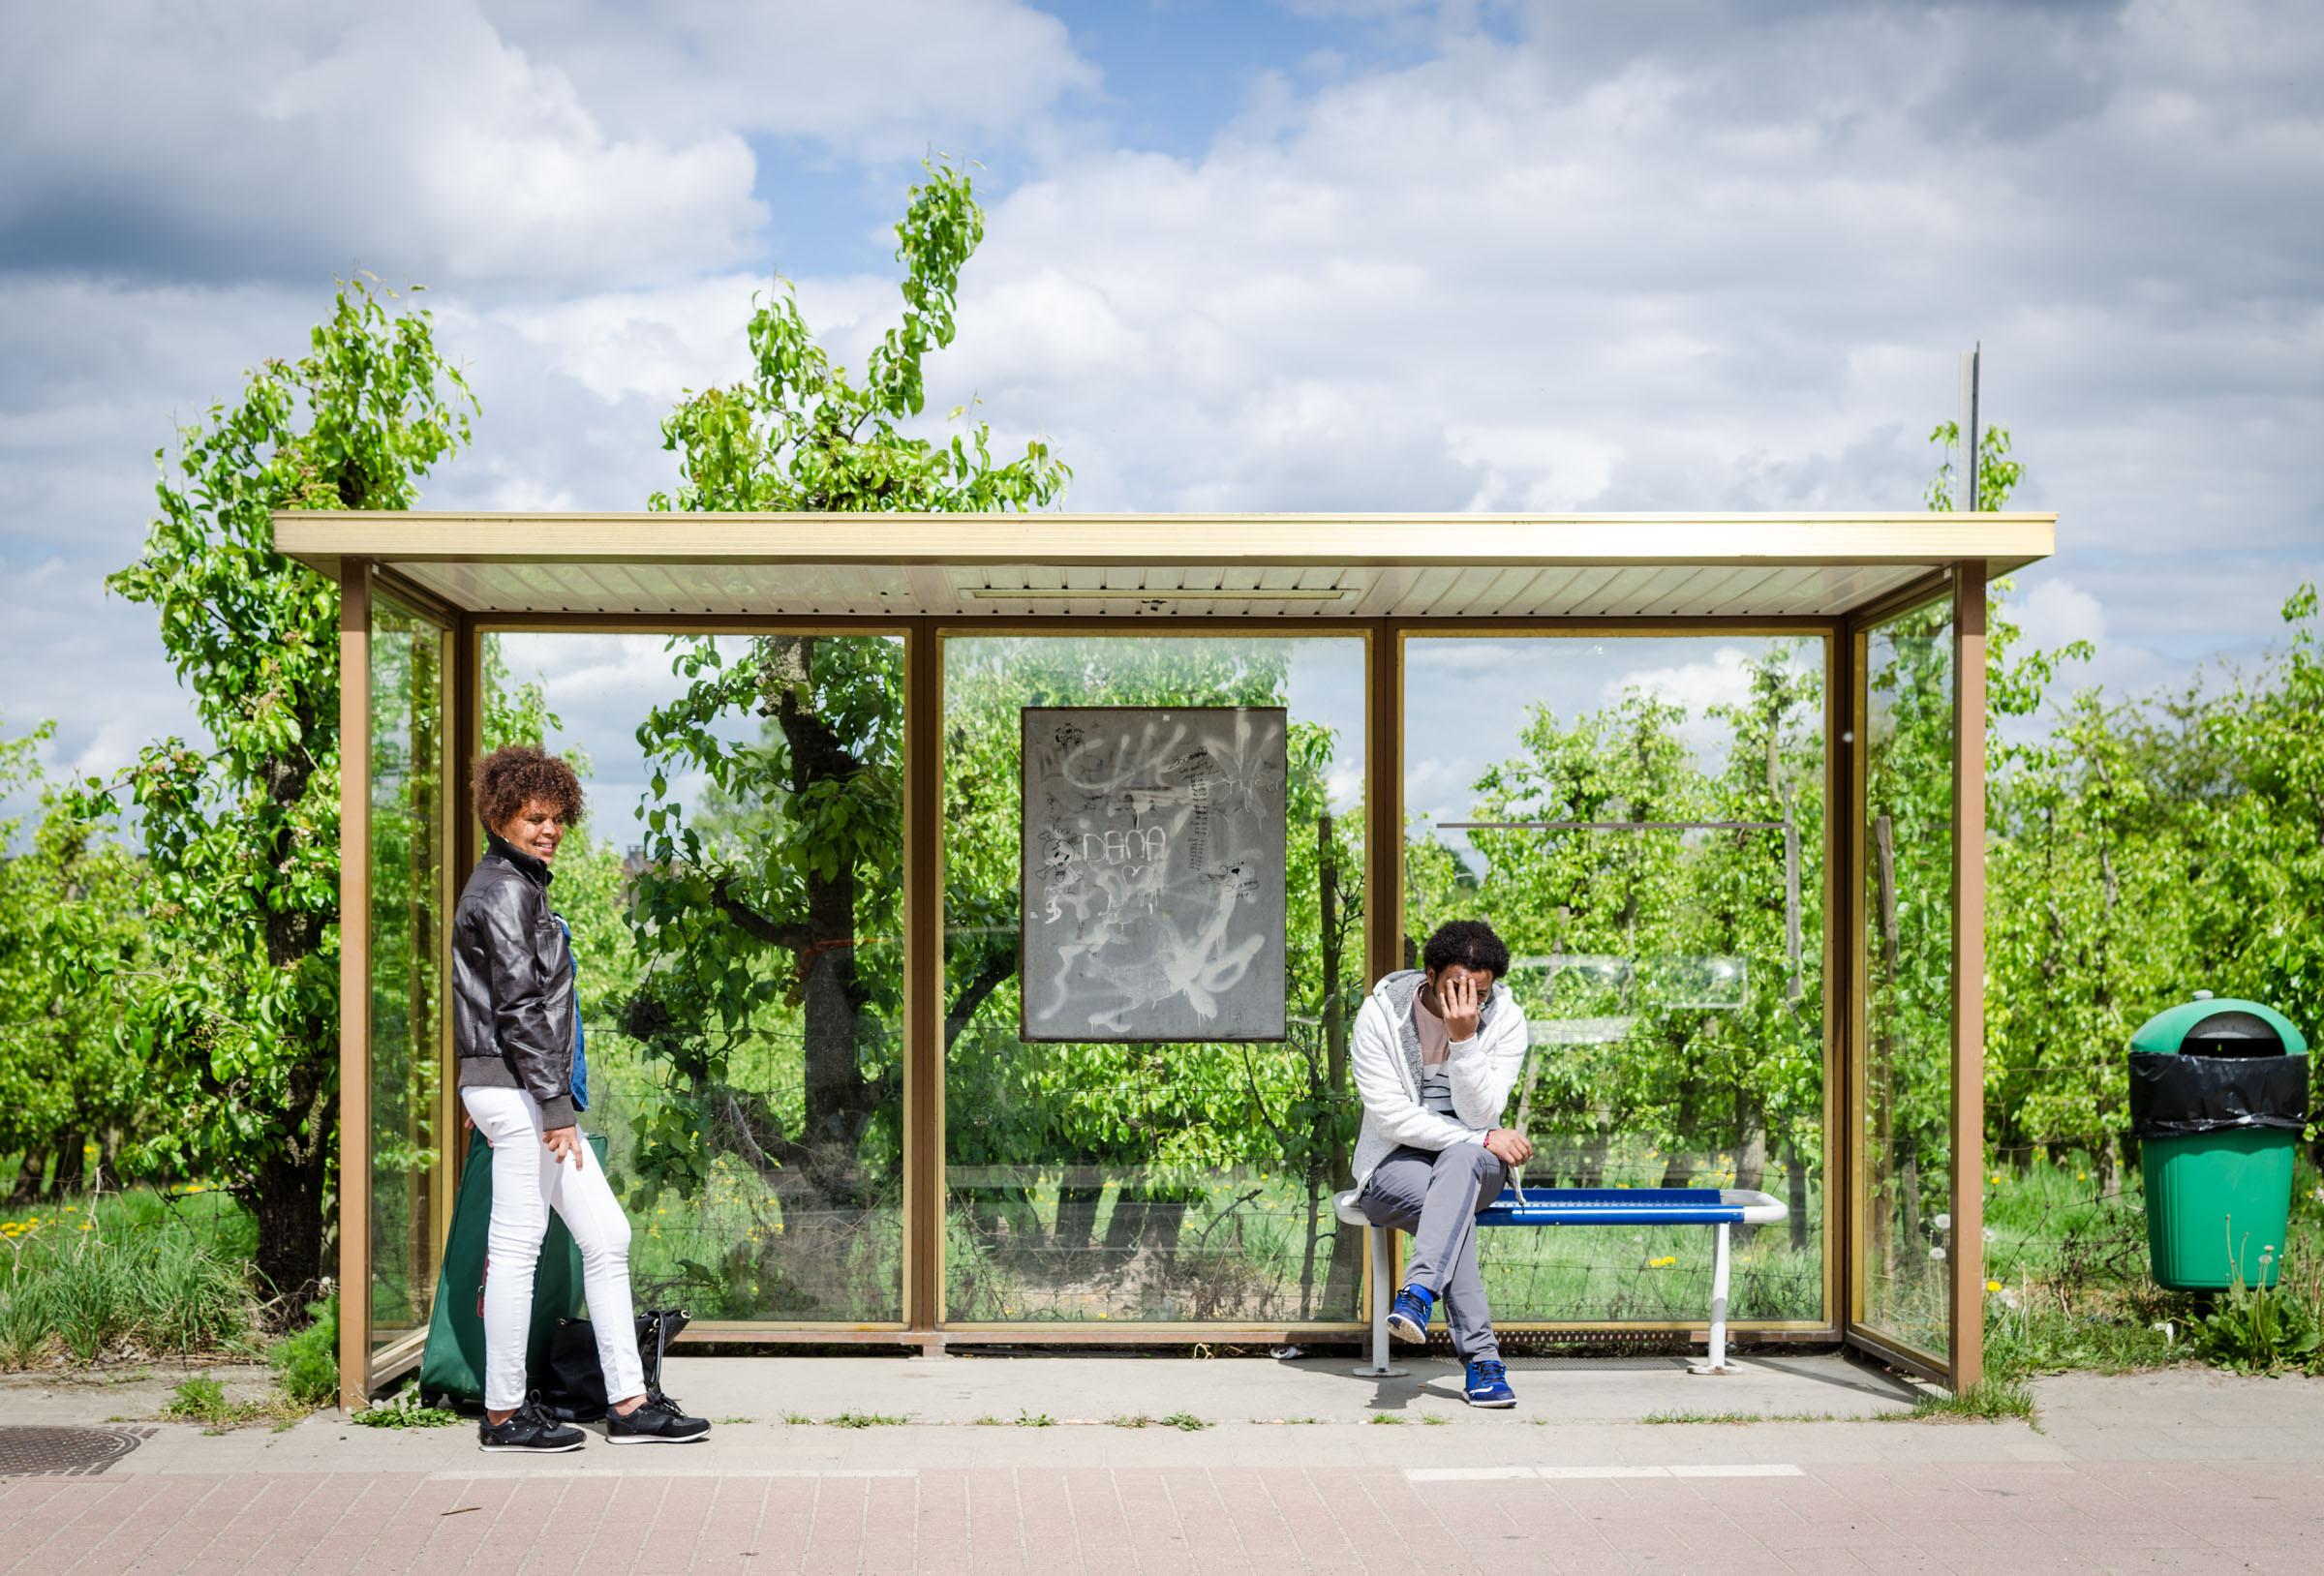 Busstop smile - straatfotografie :: foto-rv